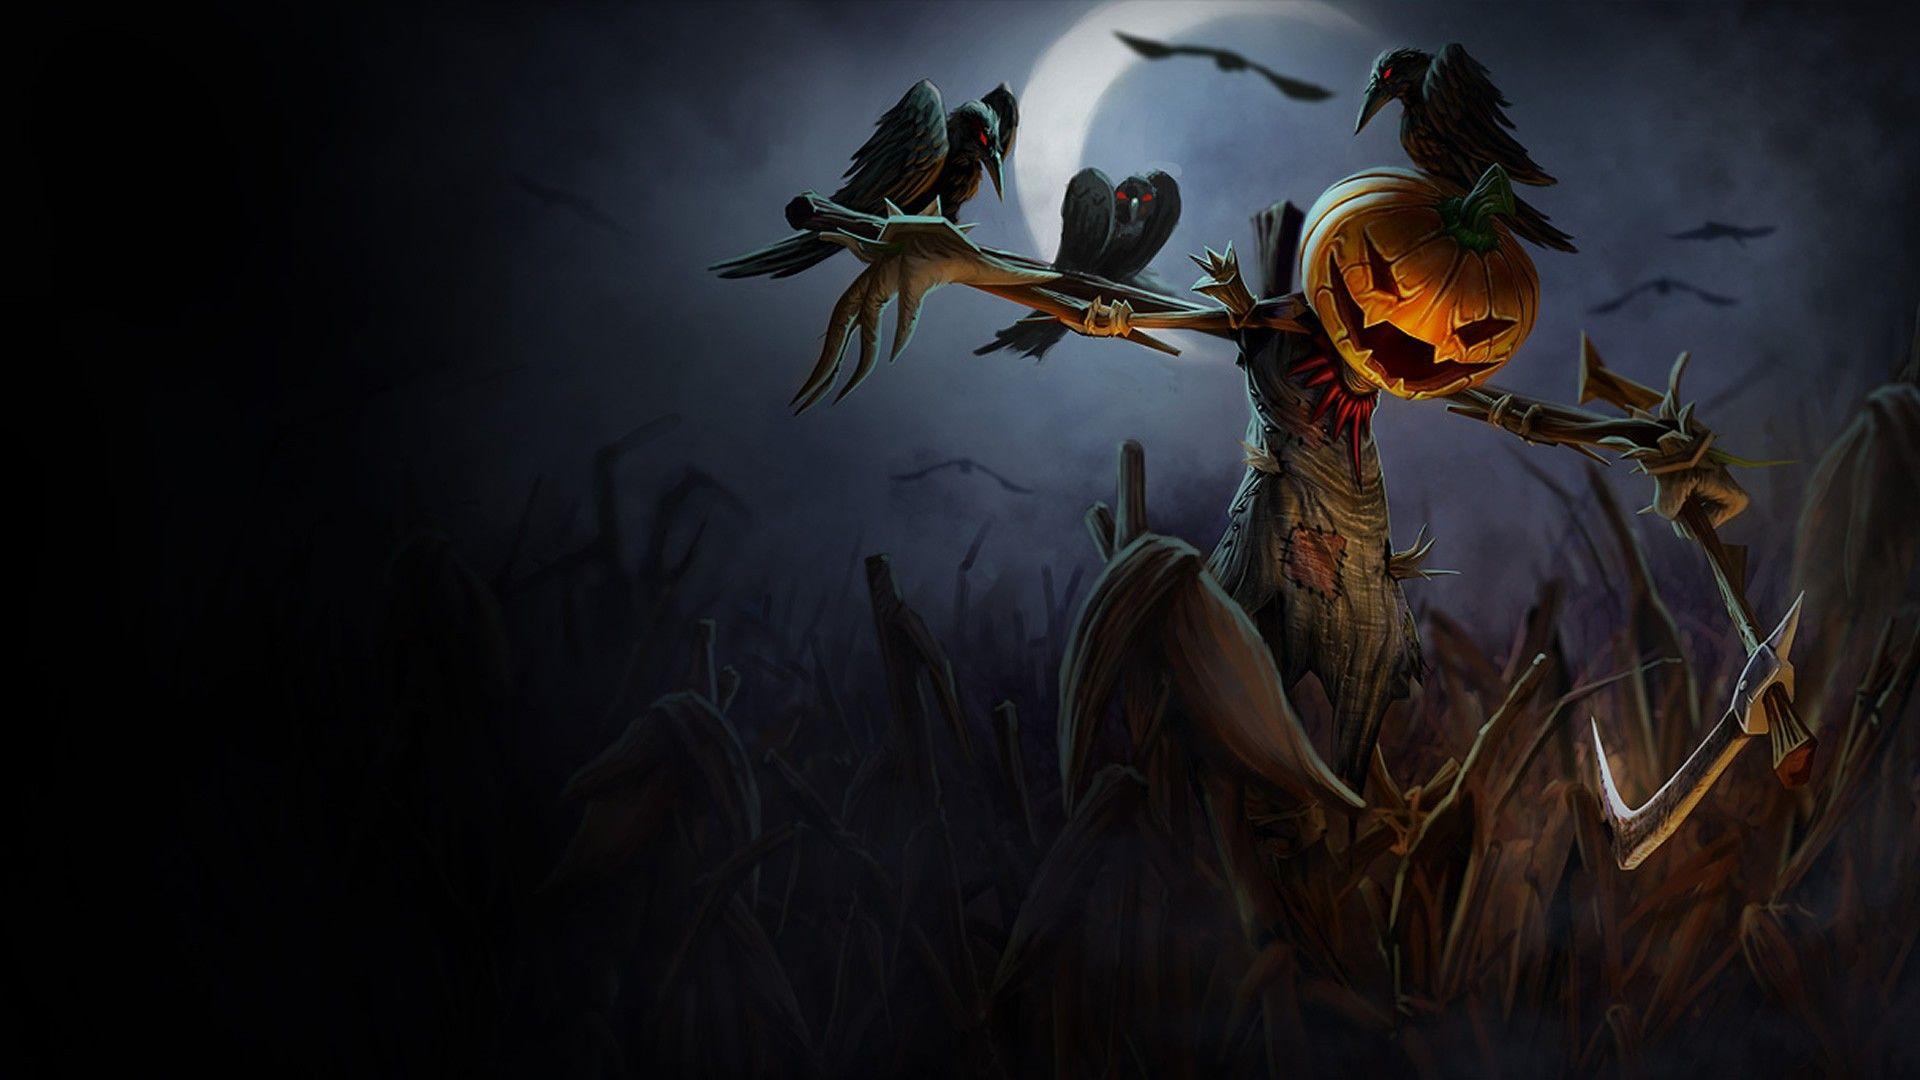 Pumpkin Head Halloweenfull hd 1080p wallpaper